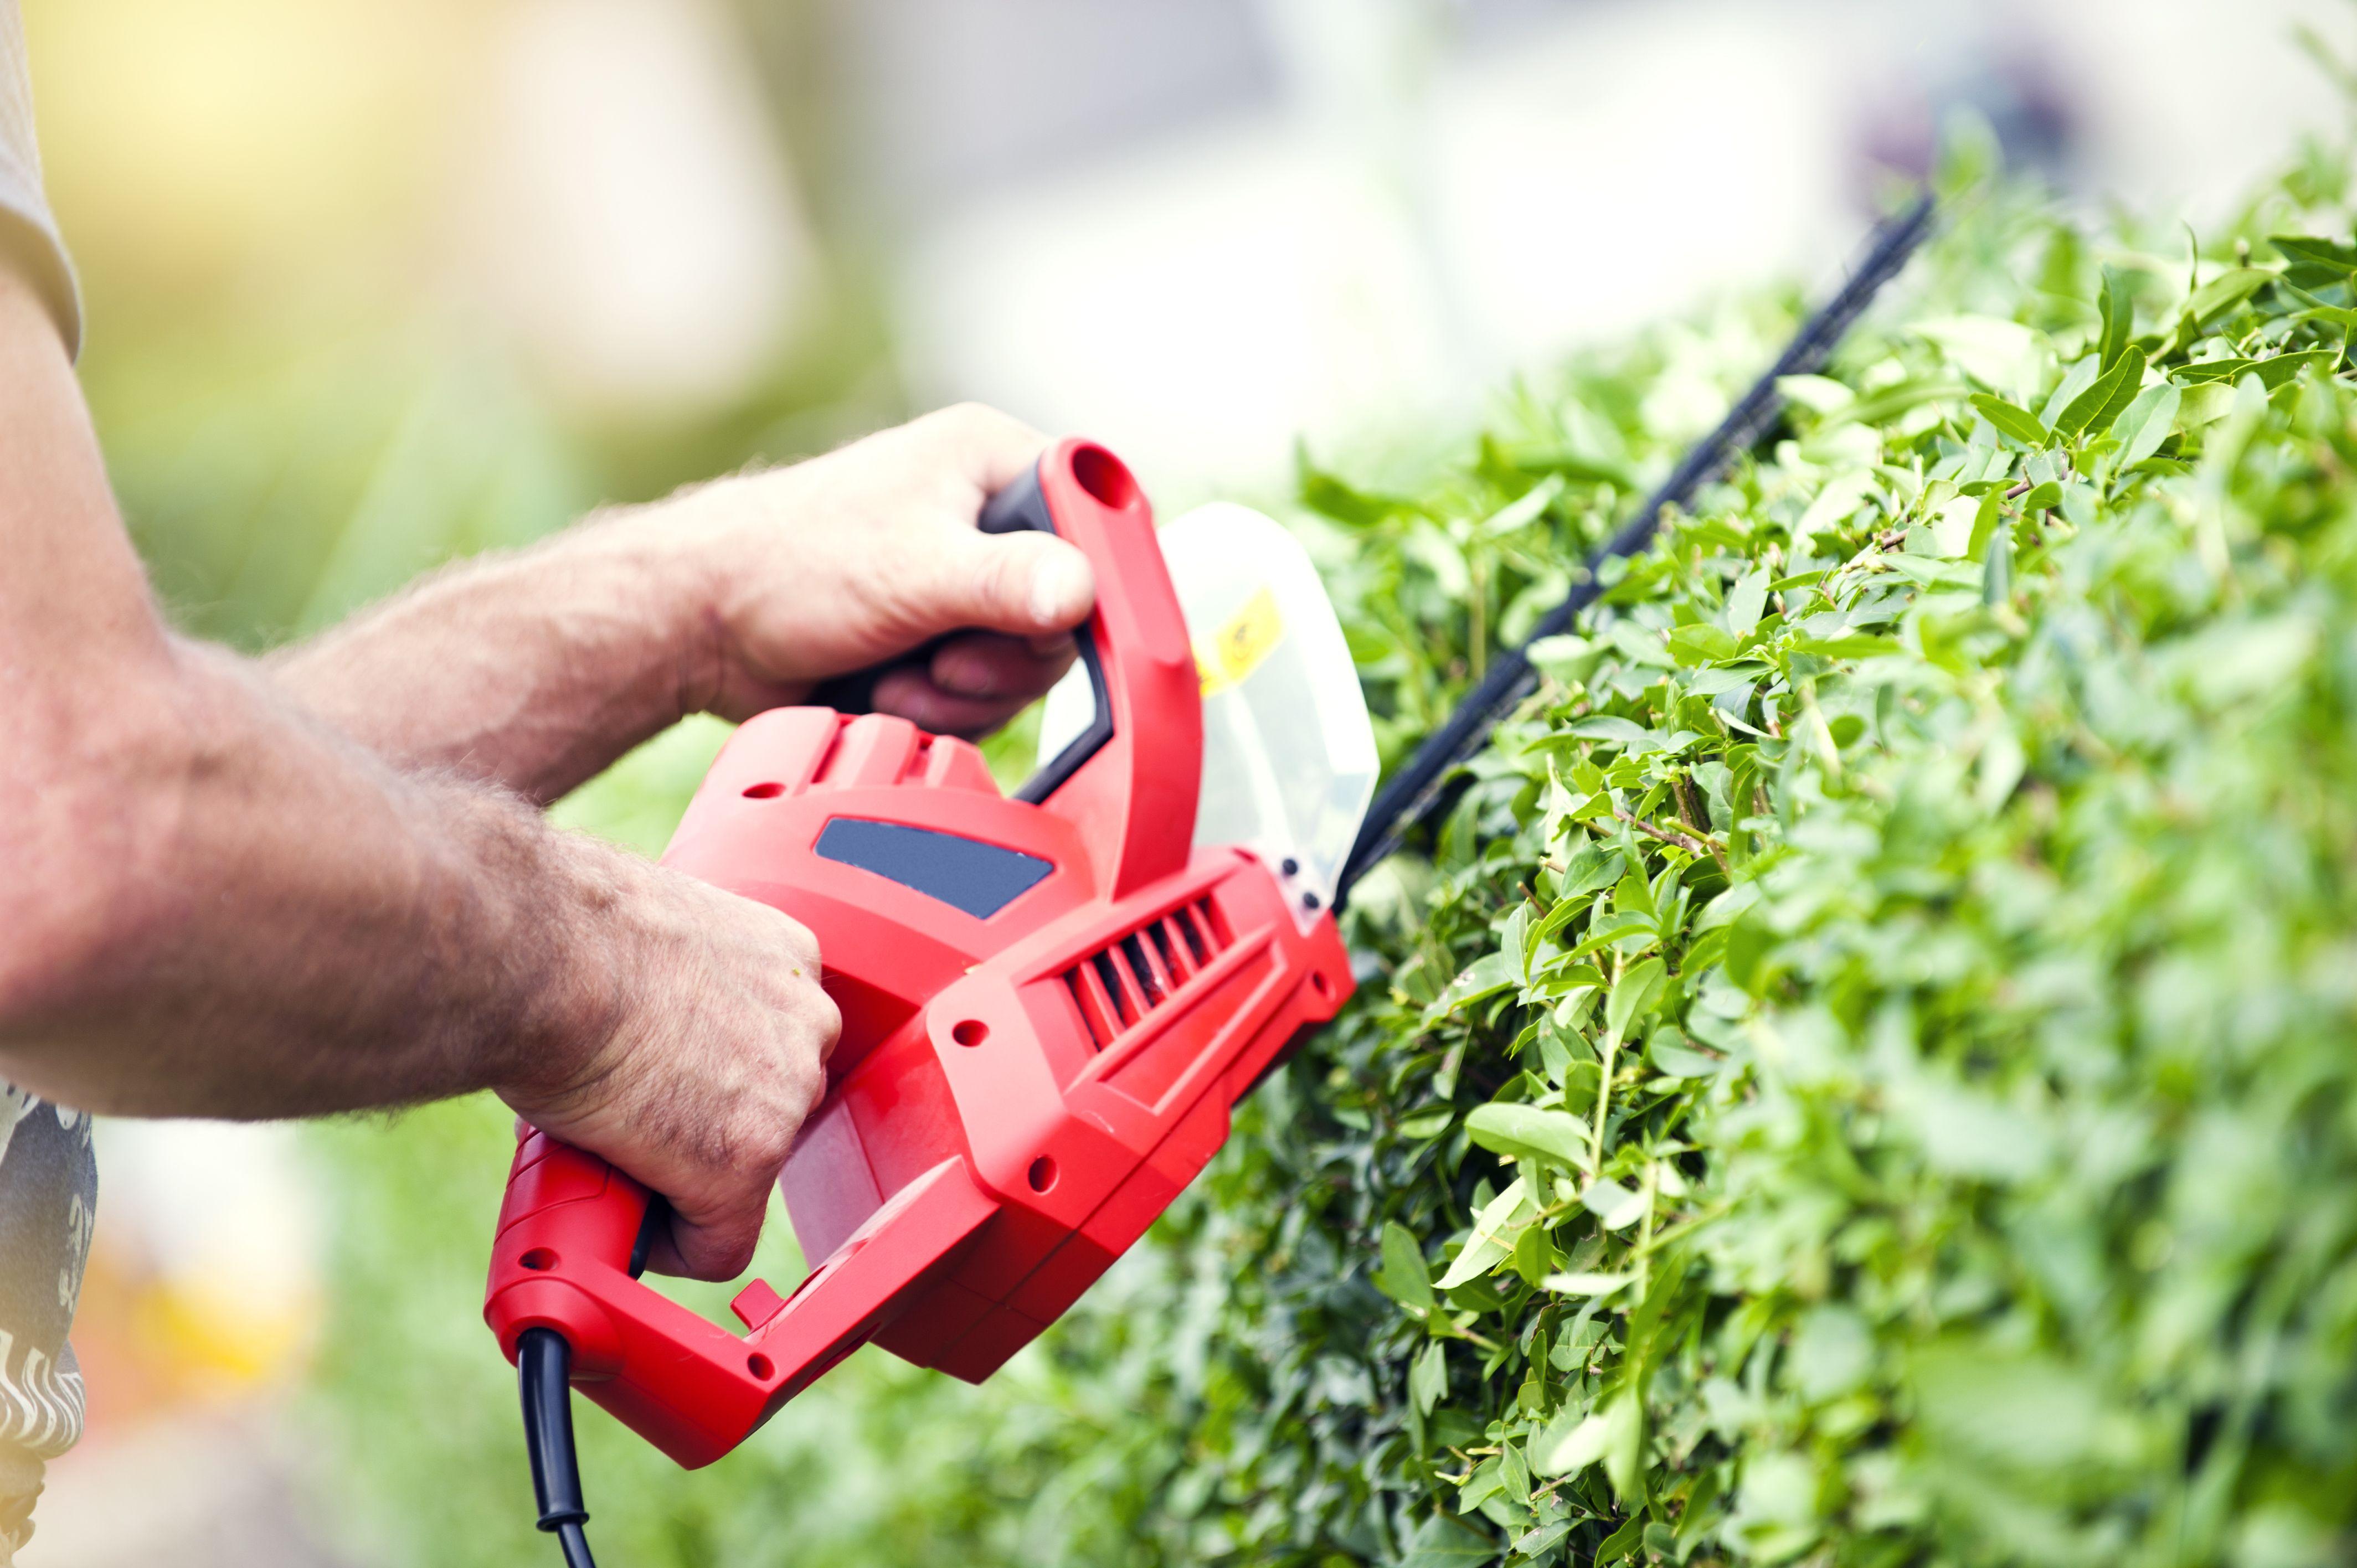 Herramientas para jardinería en Peñafiel